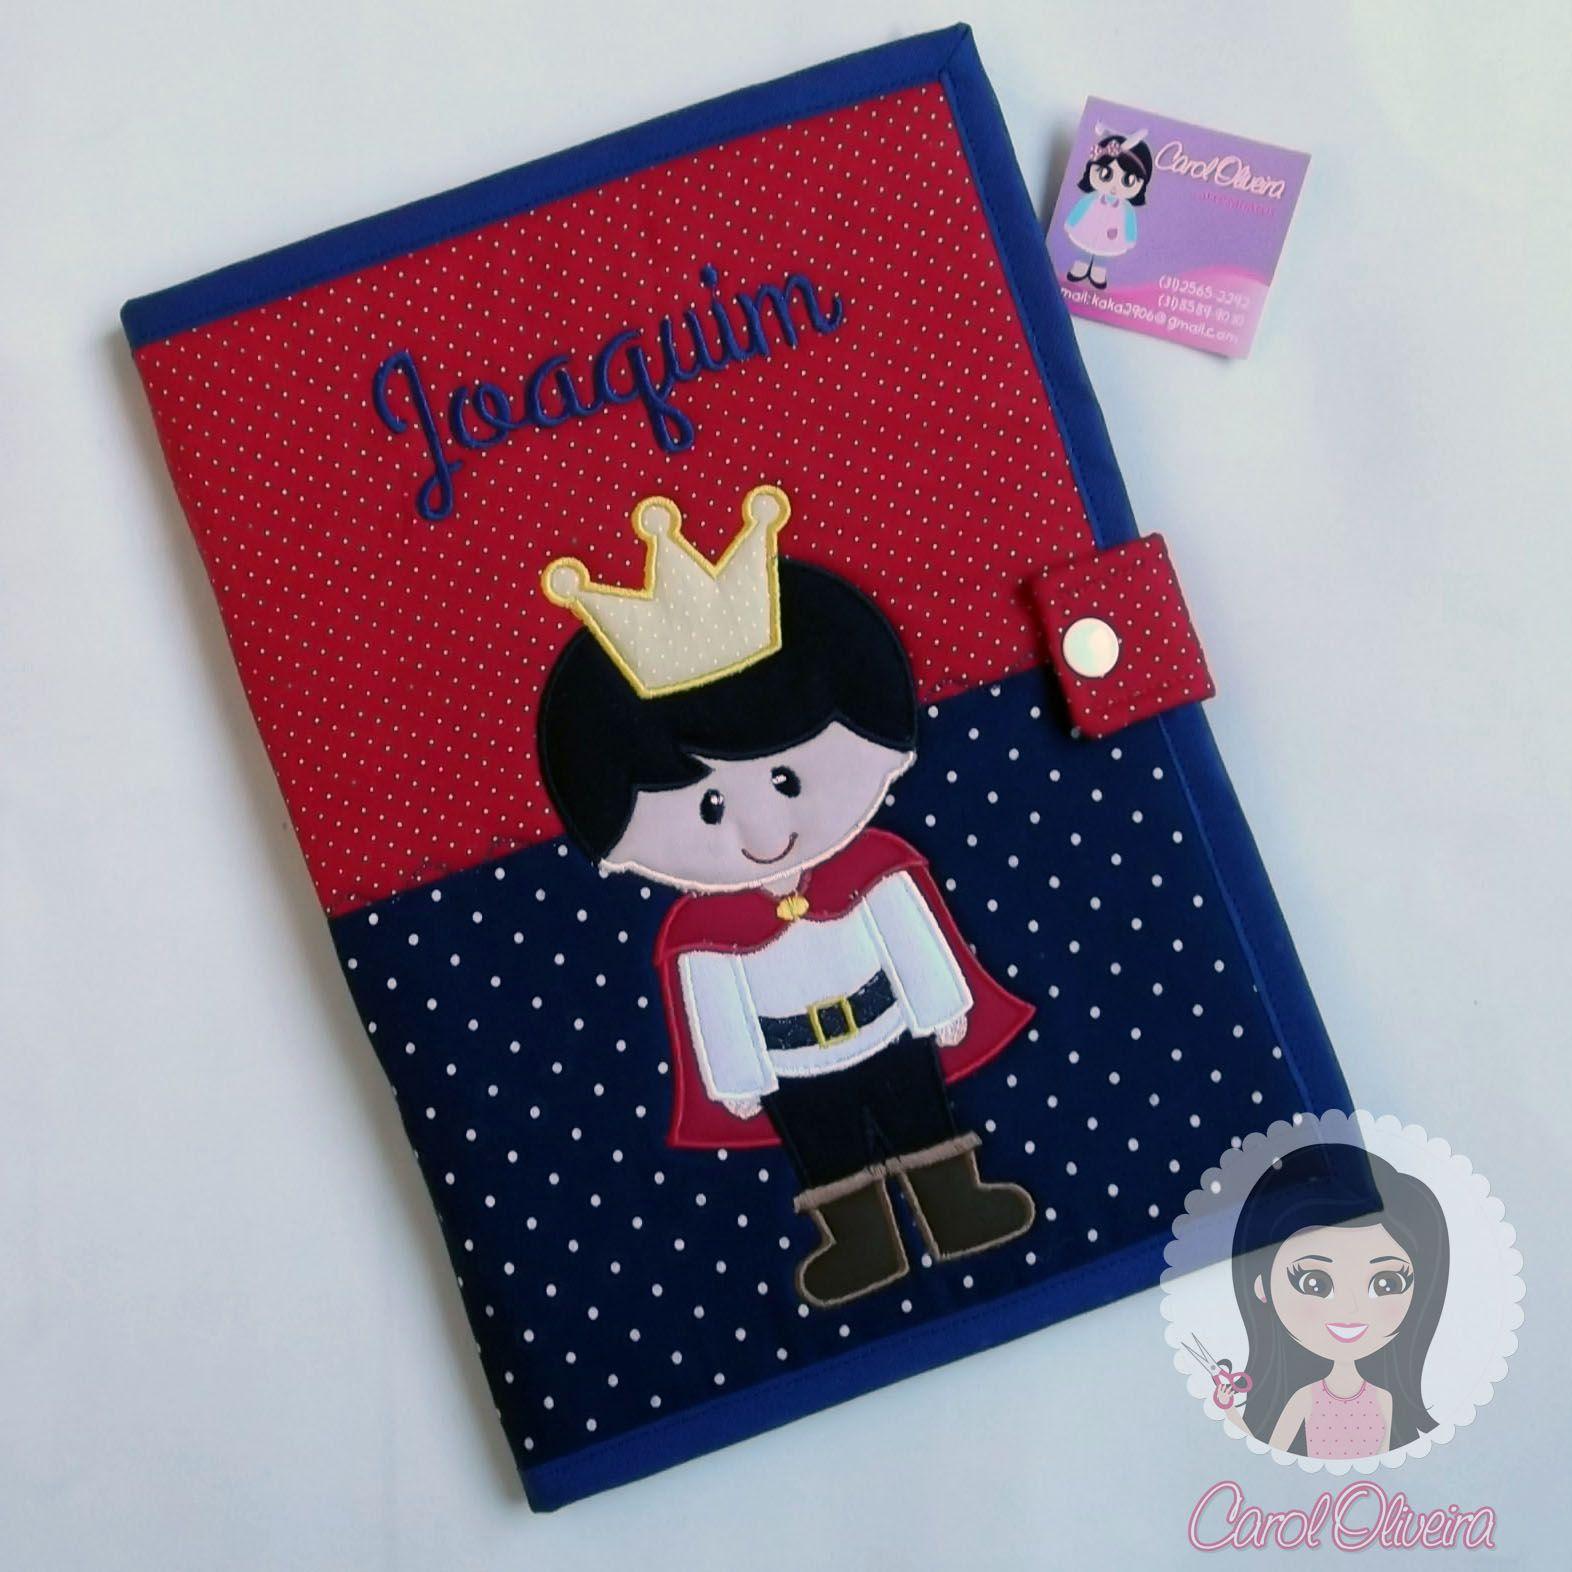 Suficiente Capa de caderneta de vacinas príncipe | Meus trabalhos | Pinterest  MI78